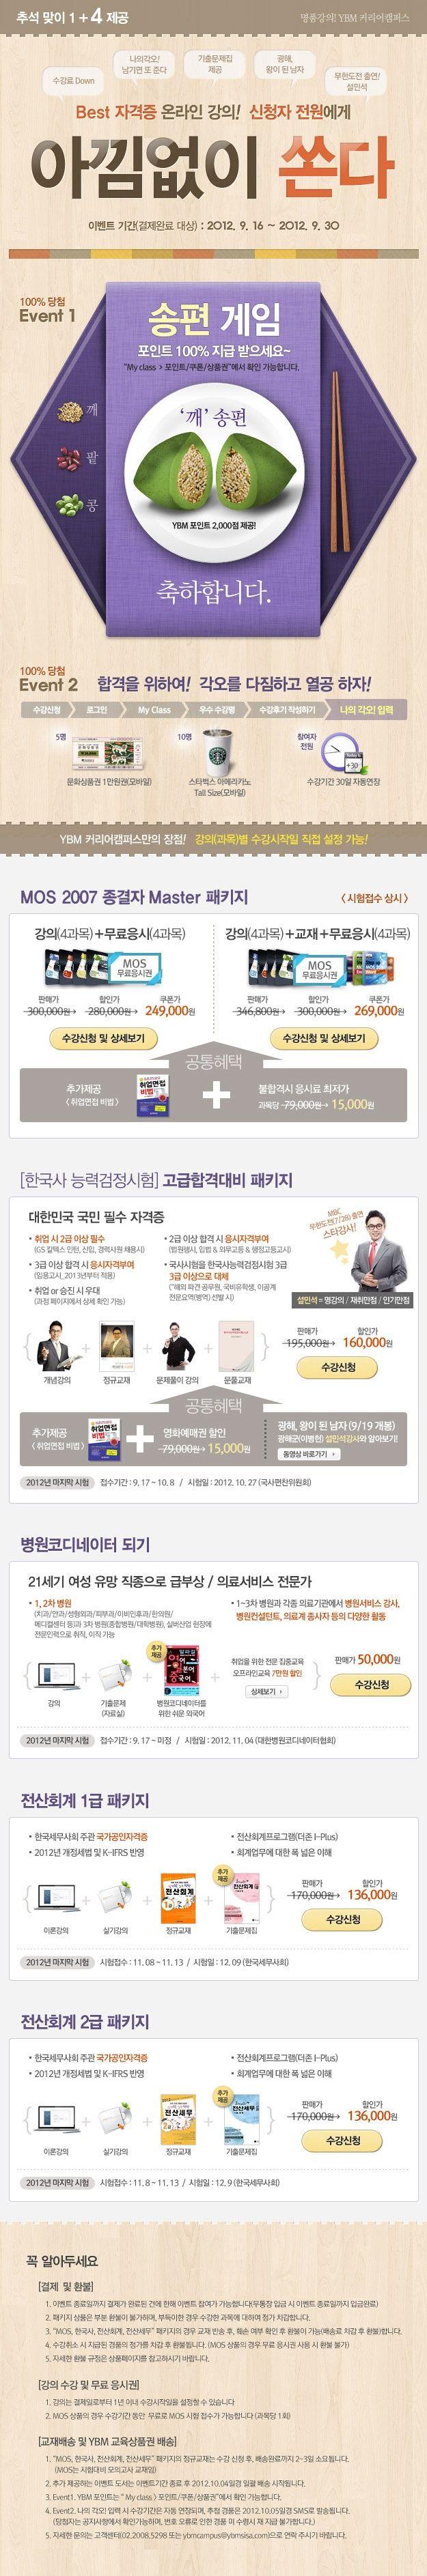 [YBM커리어캠퍼스] 추석맞이 이벤트